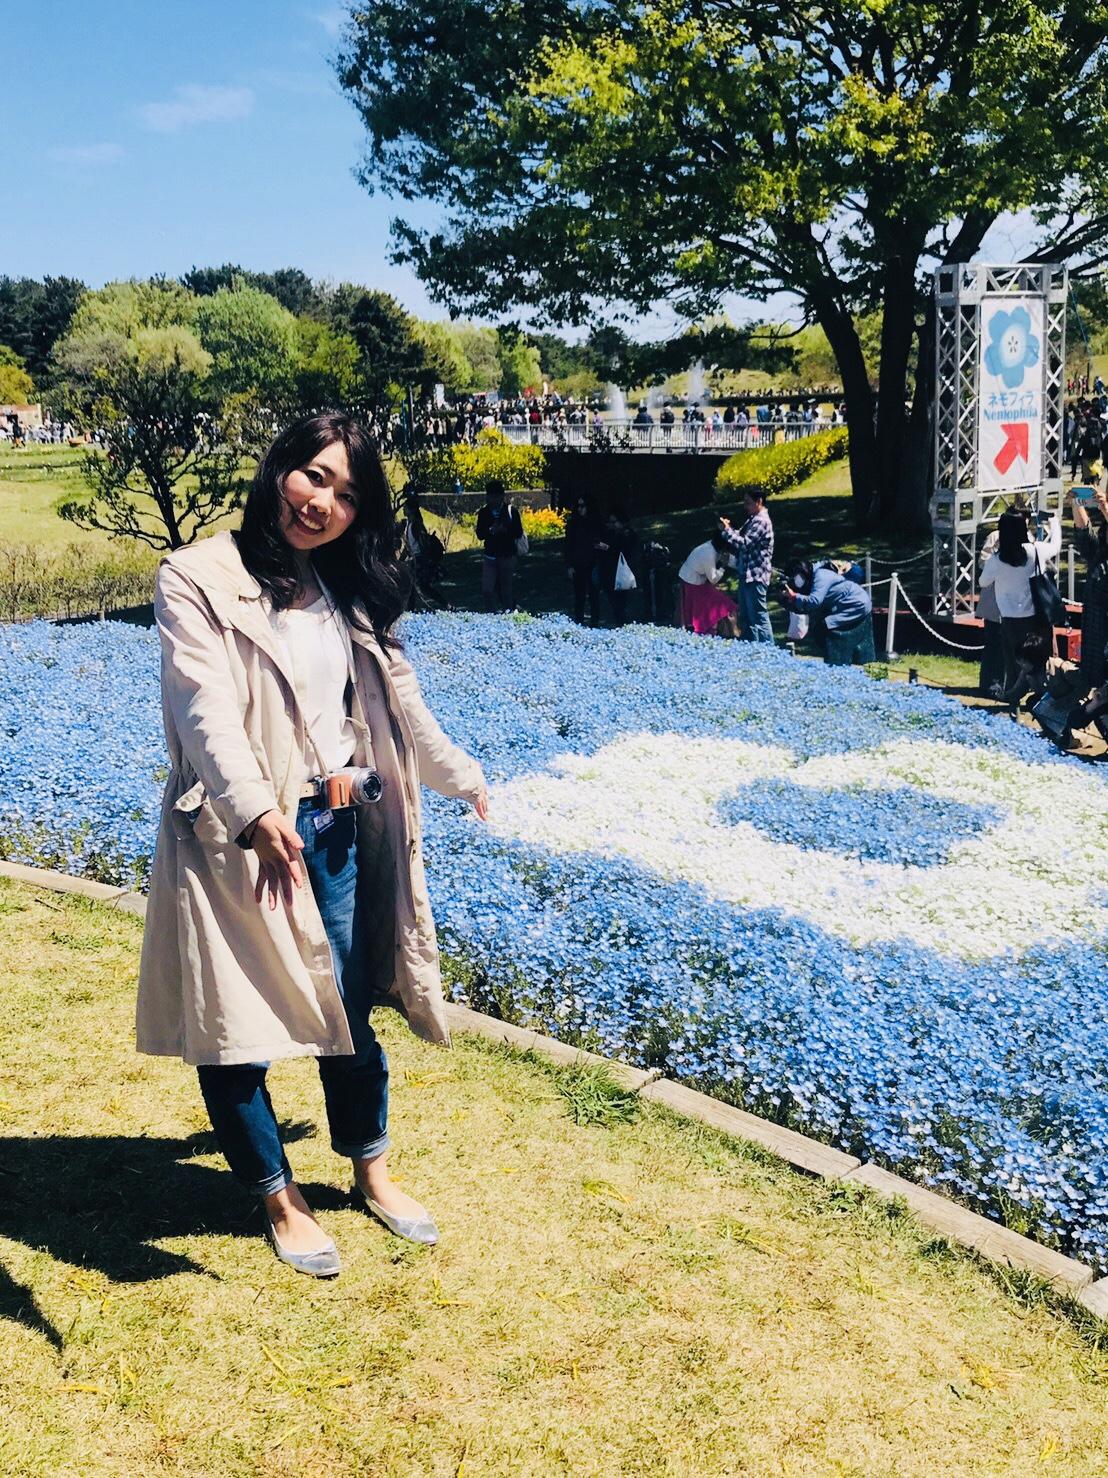 【GW】東京からも近い!!ひたち海浜公園ネモフィラのバスツアーに行ってきました♡_6